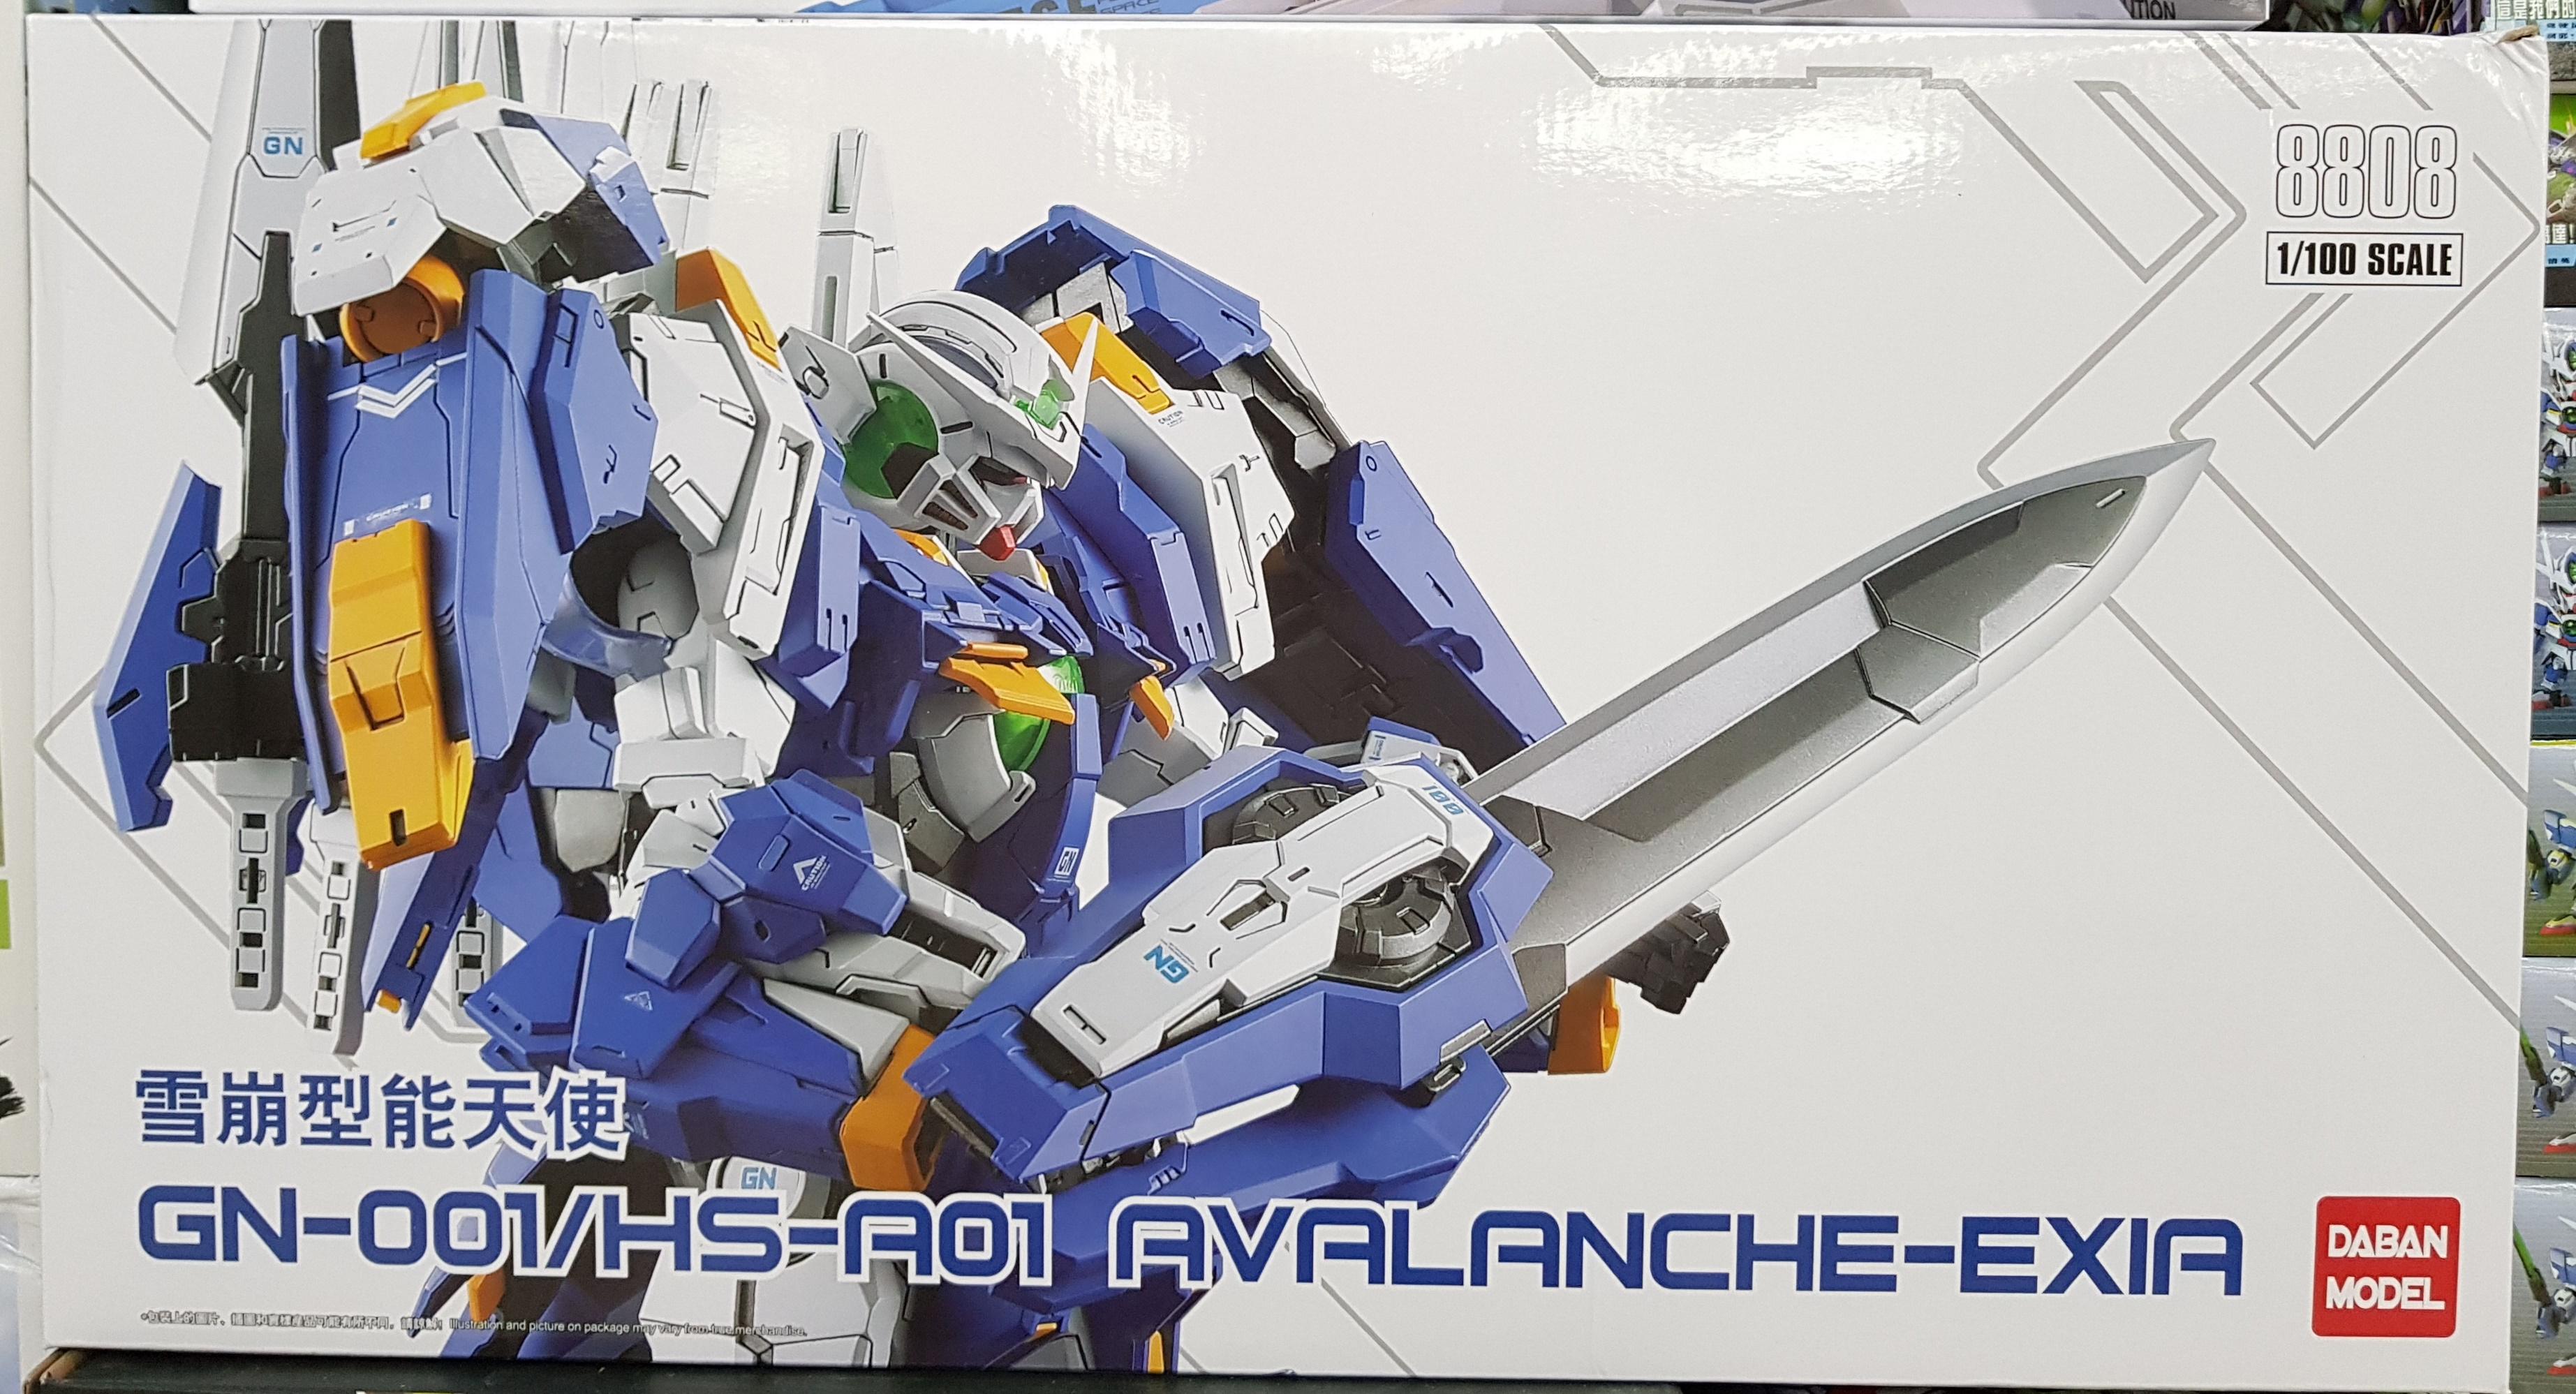 Avalanche Exia Dash Ver.MB [Daban]